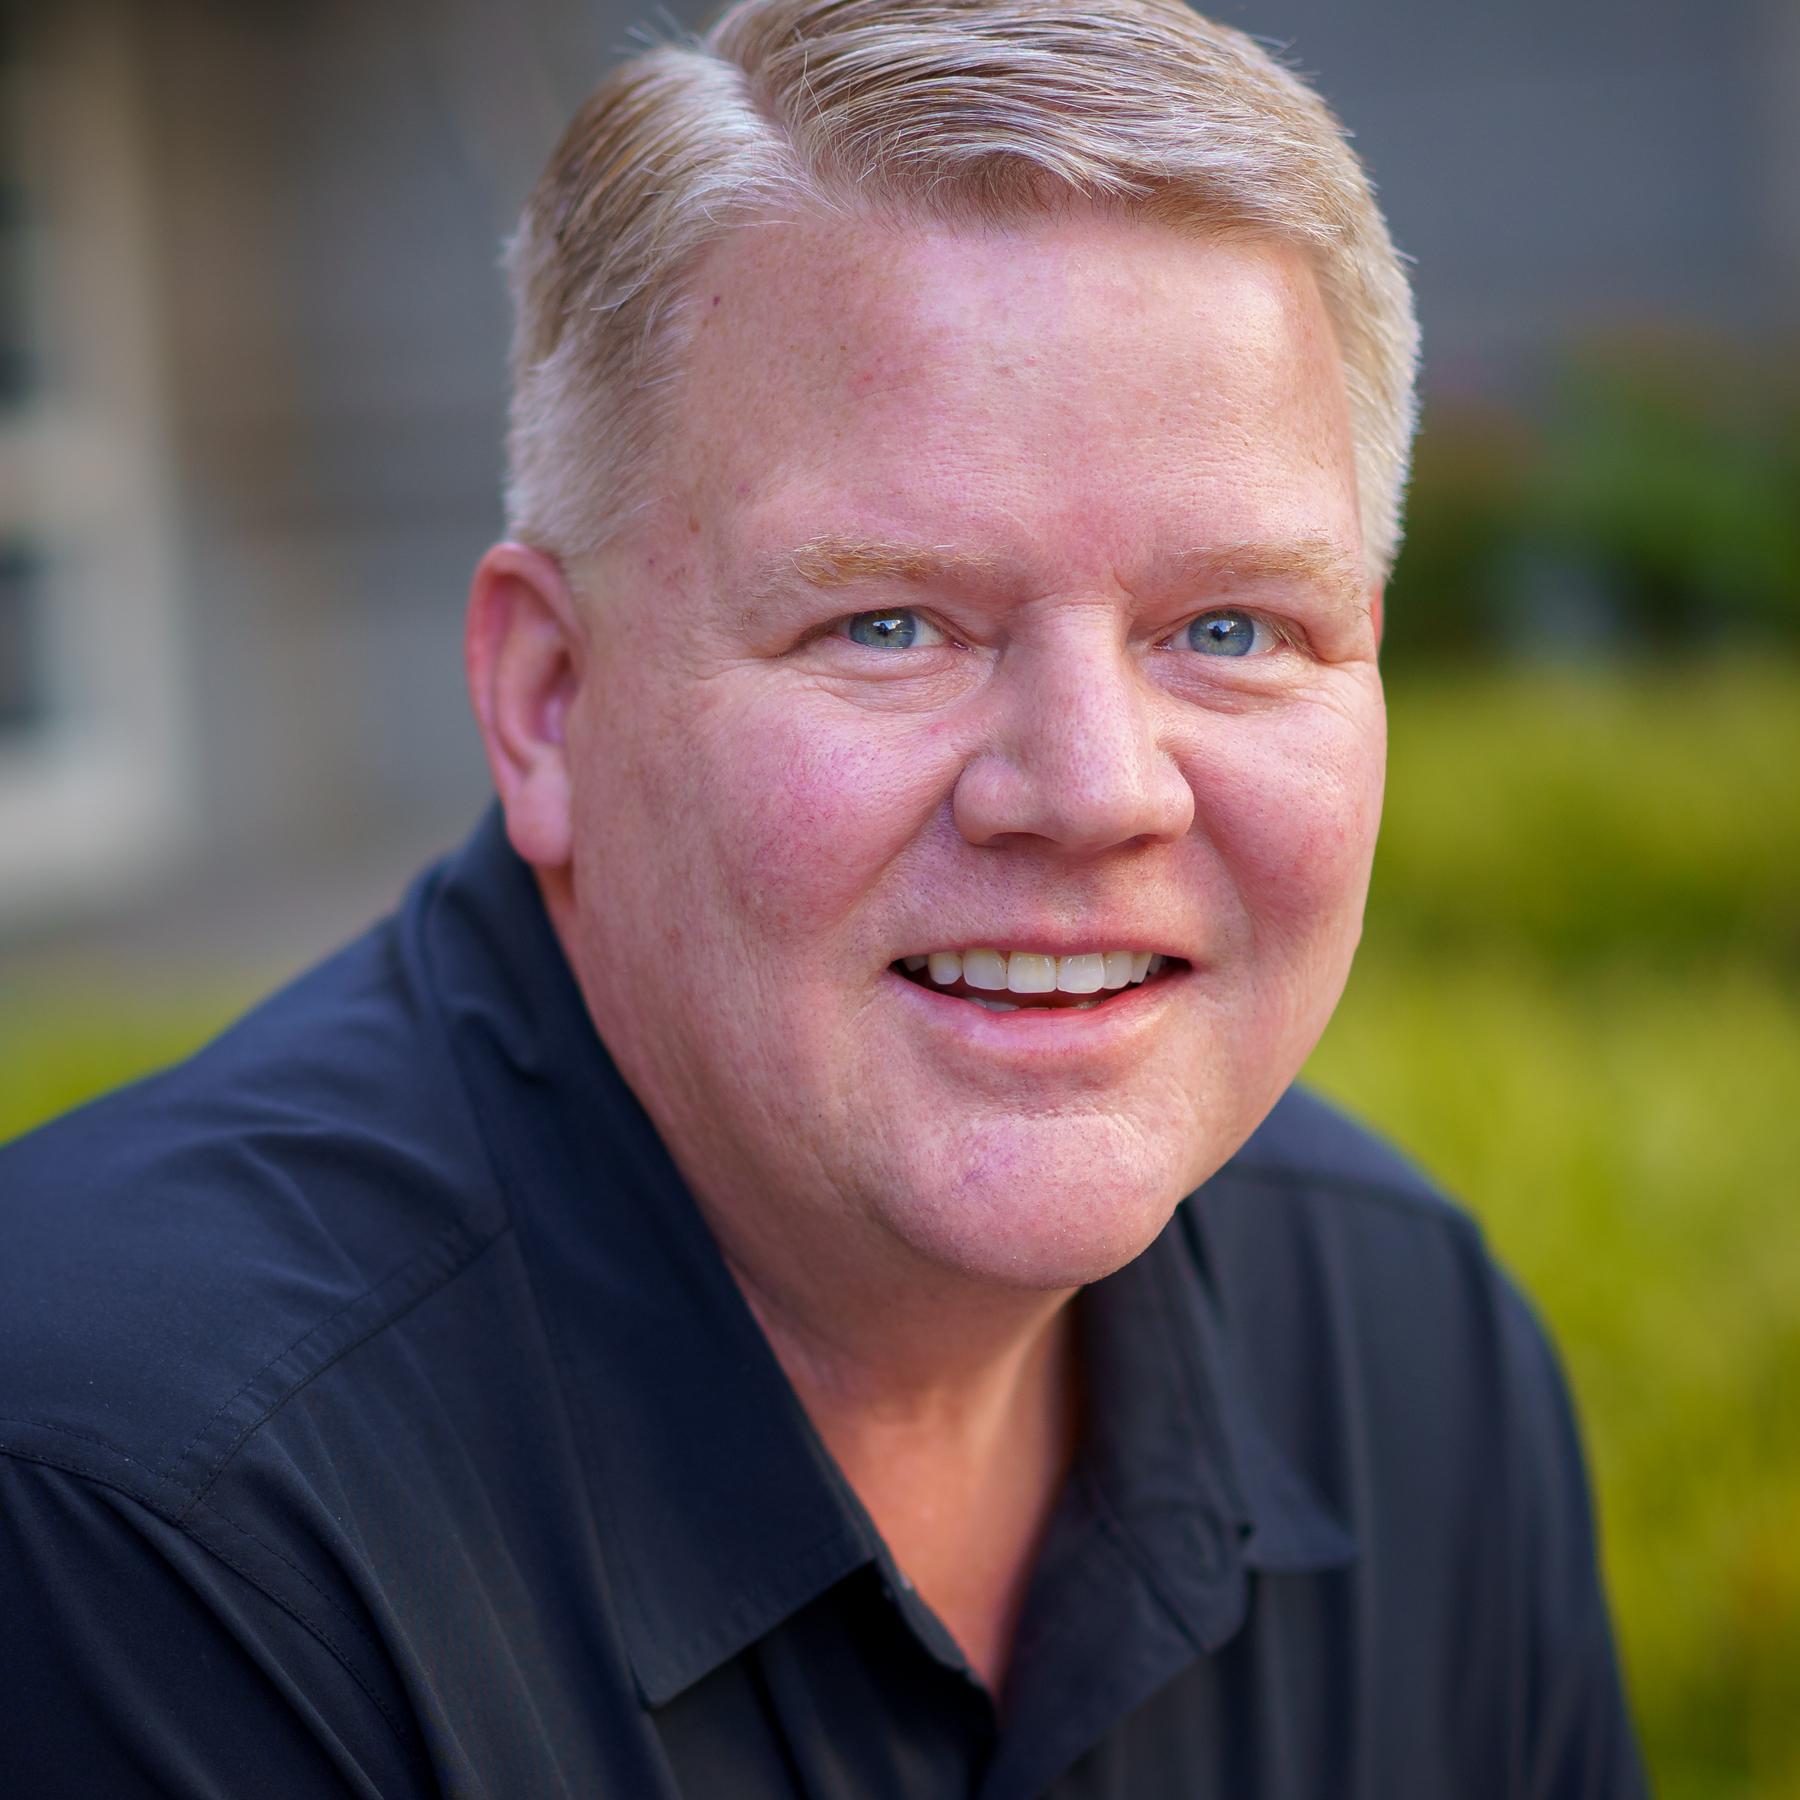 Brad Keller